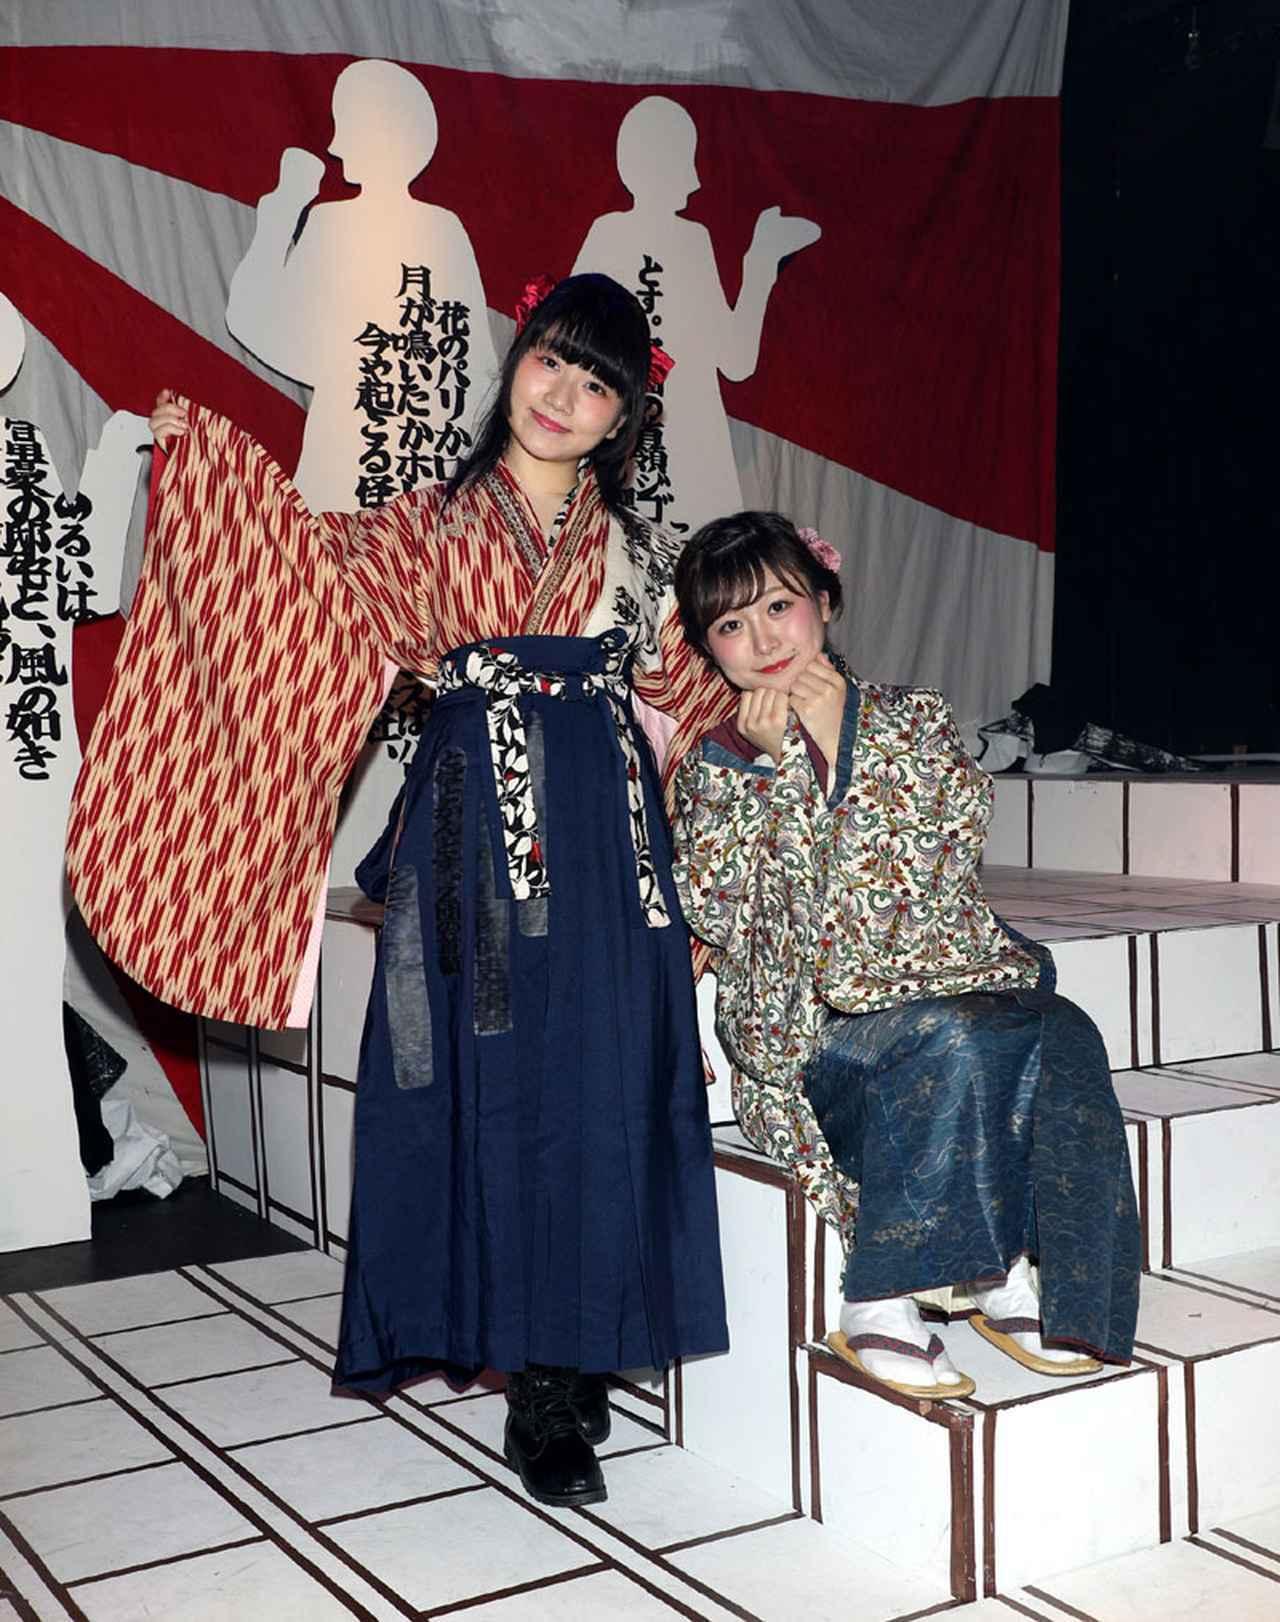 画像1: 花岡芽佳、黒木美紗子/舞台「帝都探偵奇譚ジゴマ」で逞しく生きる大正ガールを熱演!